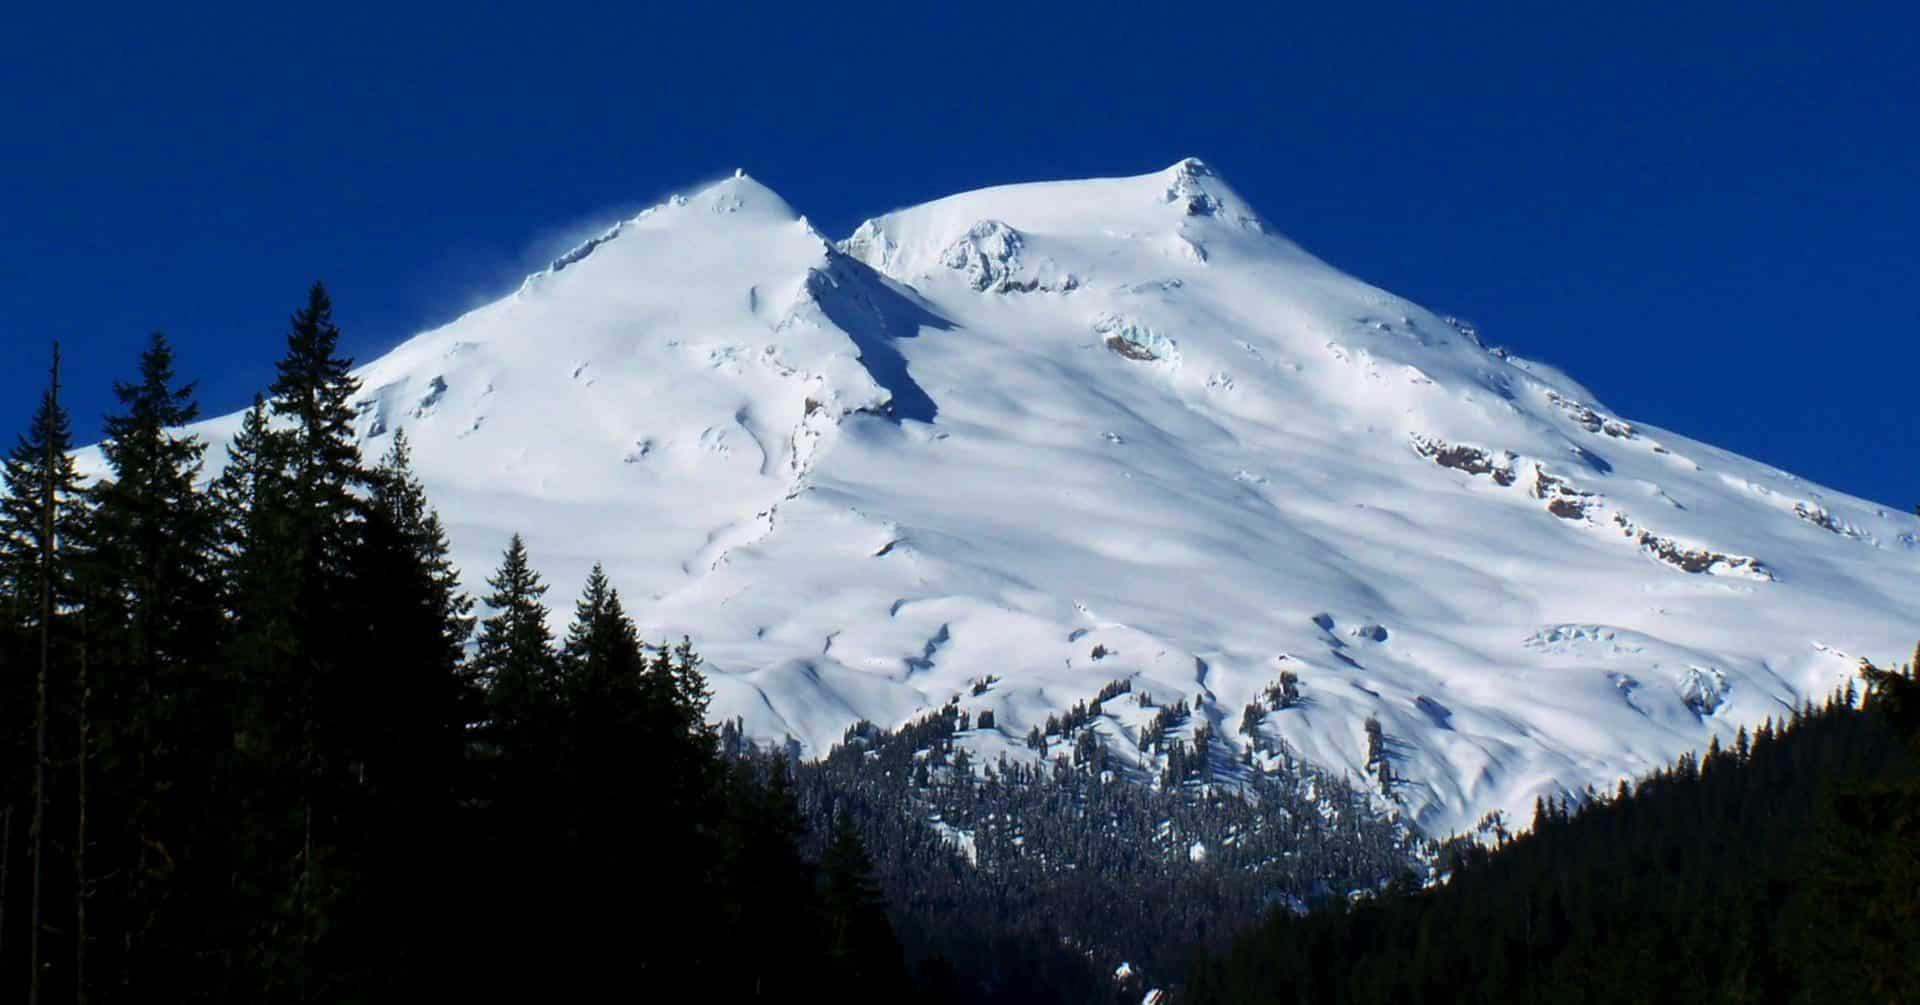 2-day Mt. Baker ski mountaineering program